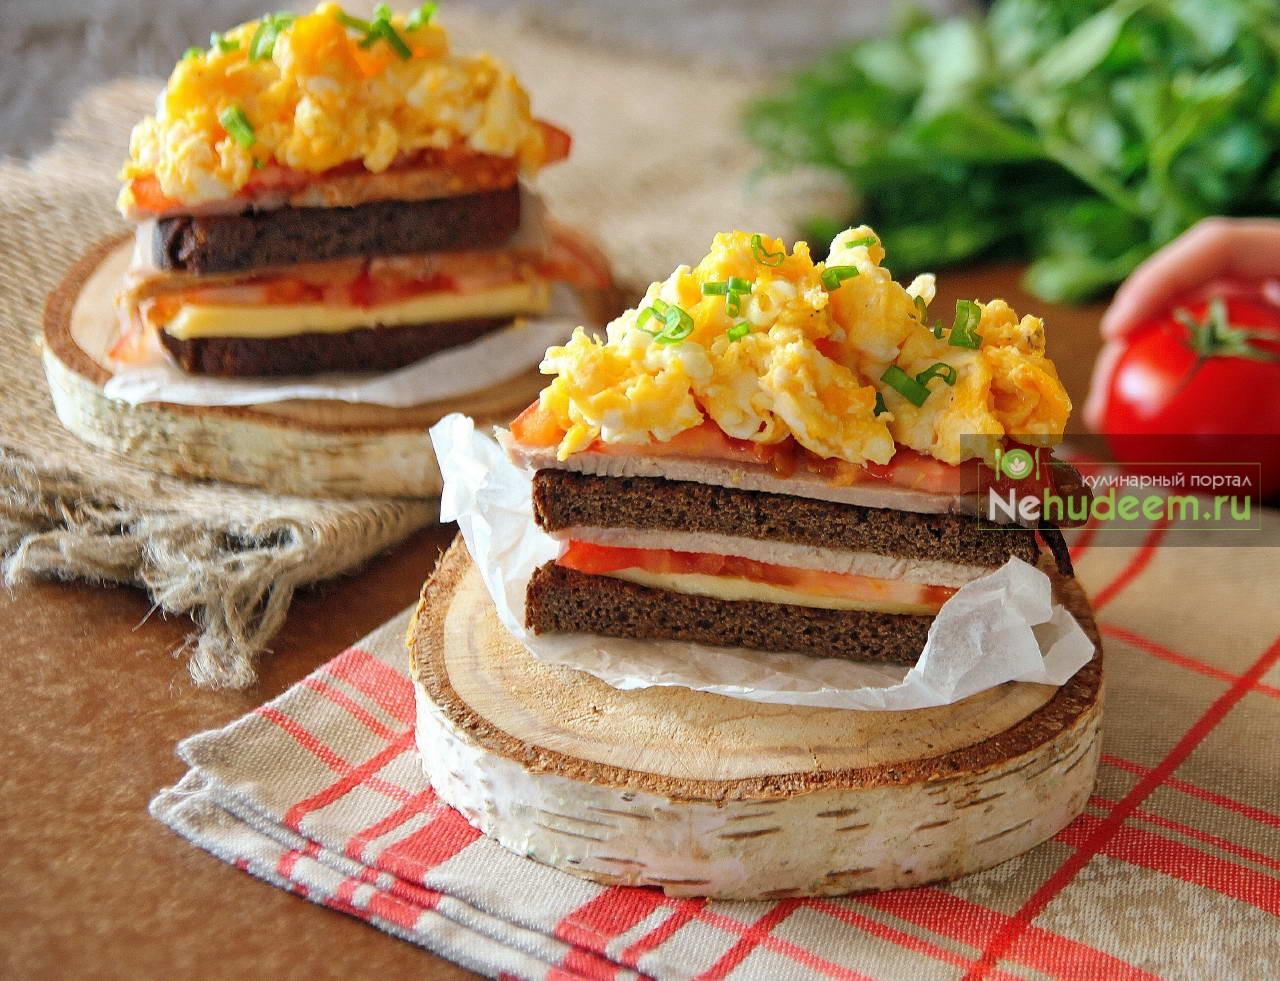 Русский сэндвич с бужениной и яичницей-болтуньей